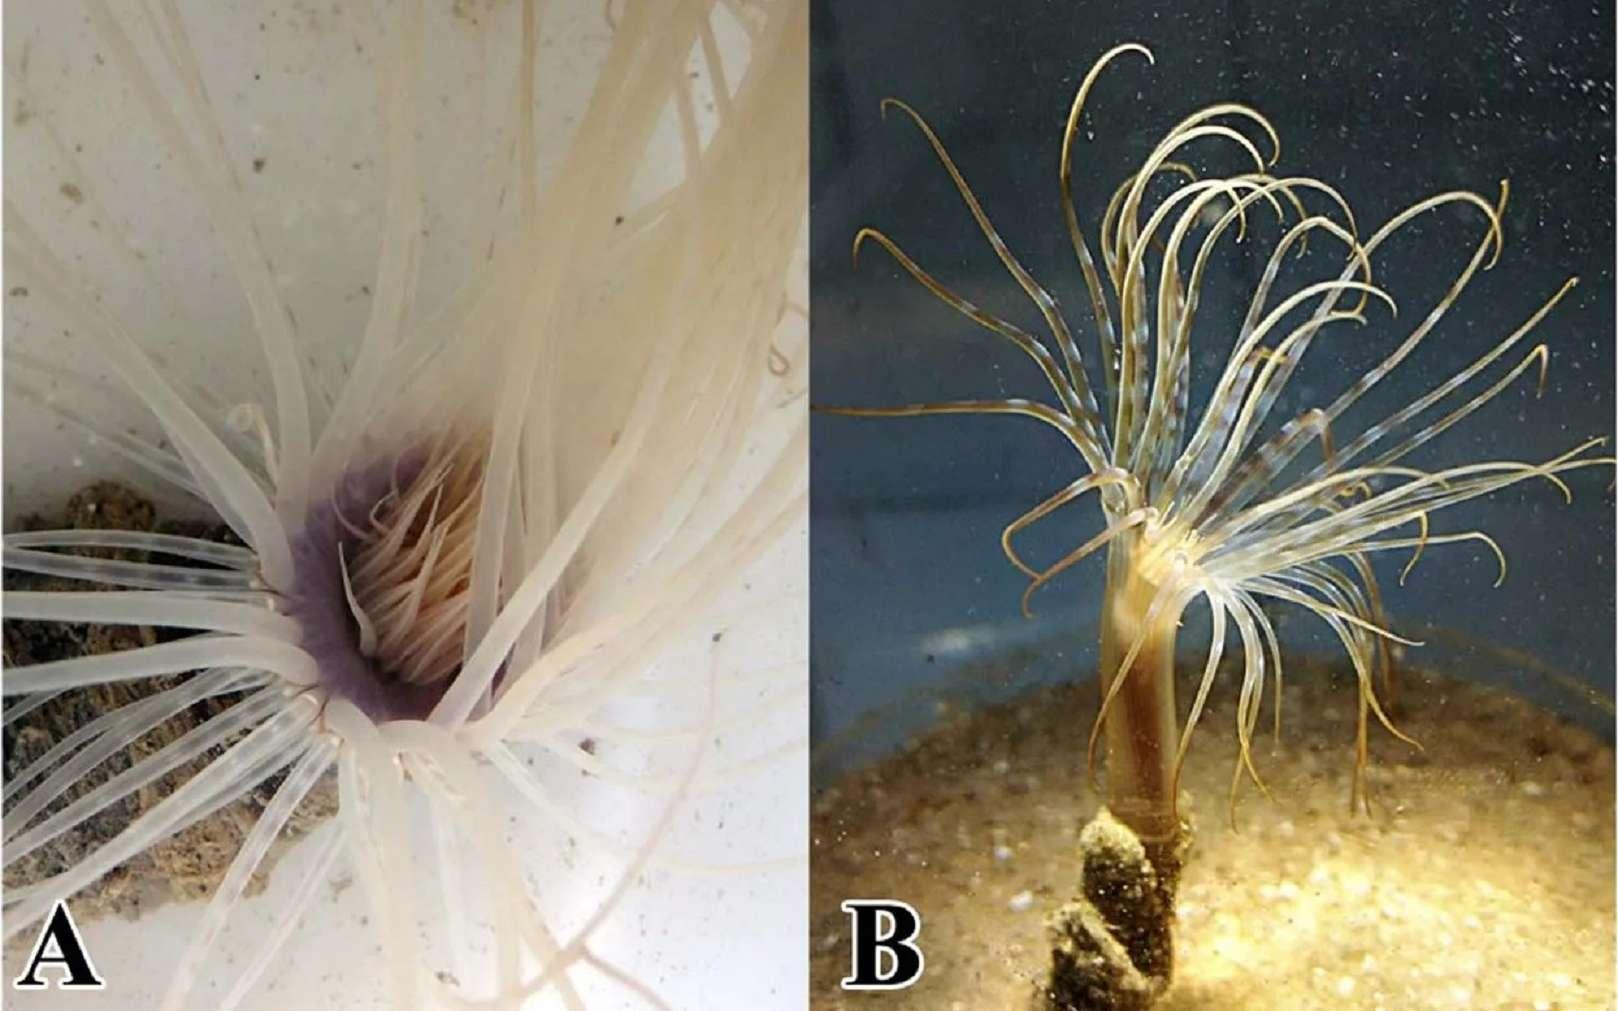 Les deux cérianthes de l'étude : à gauche Pachycerianthus magnus et à droite Isarachnanthus nocturnus. © Stampar et al, Scientific Reports 2019